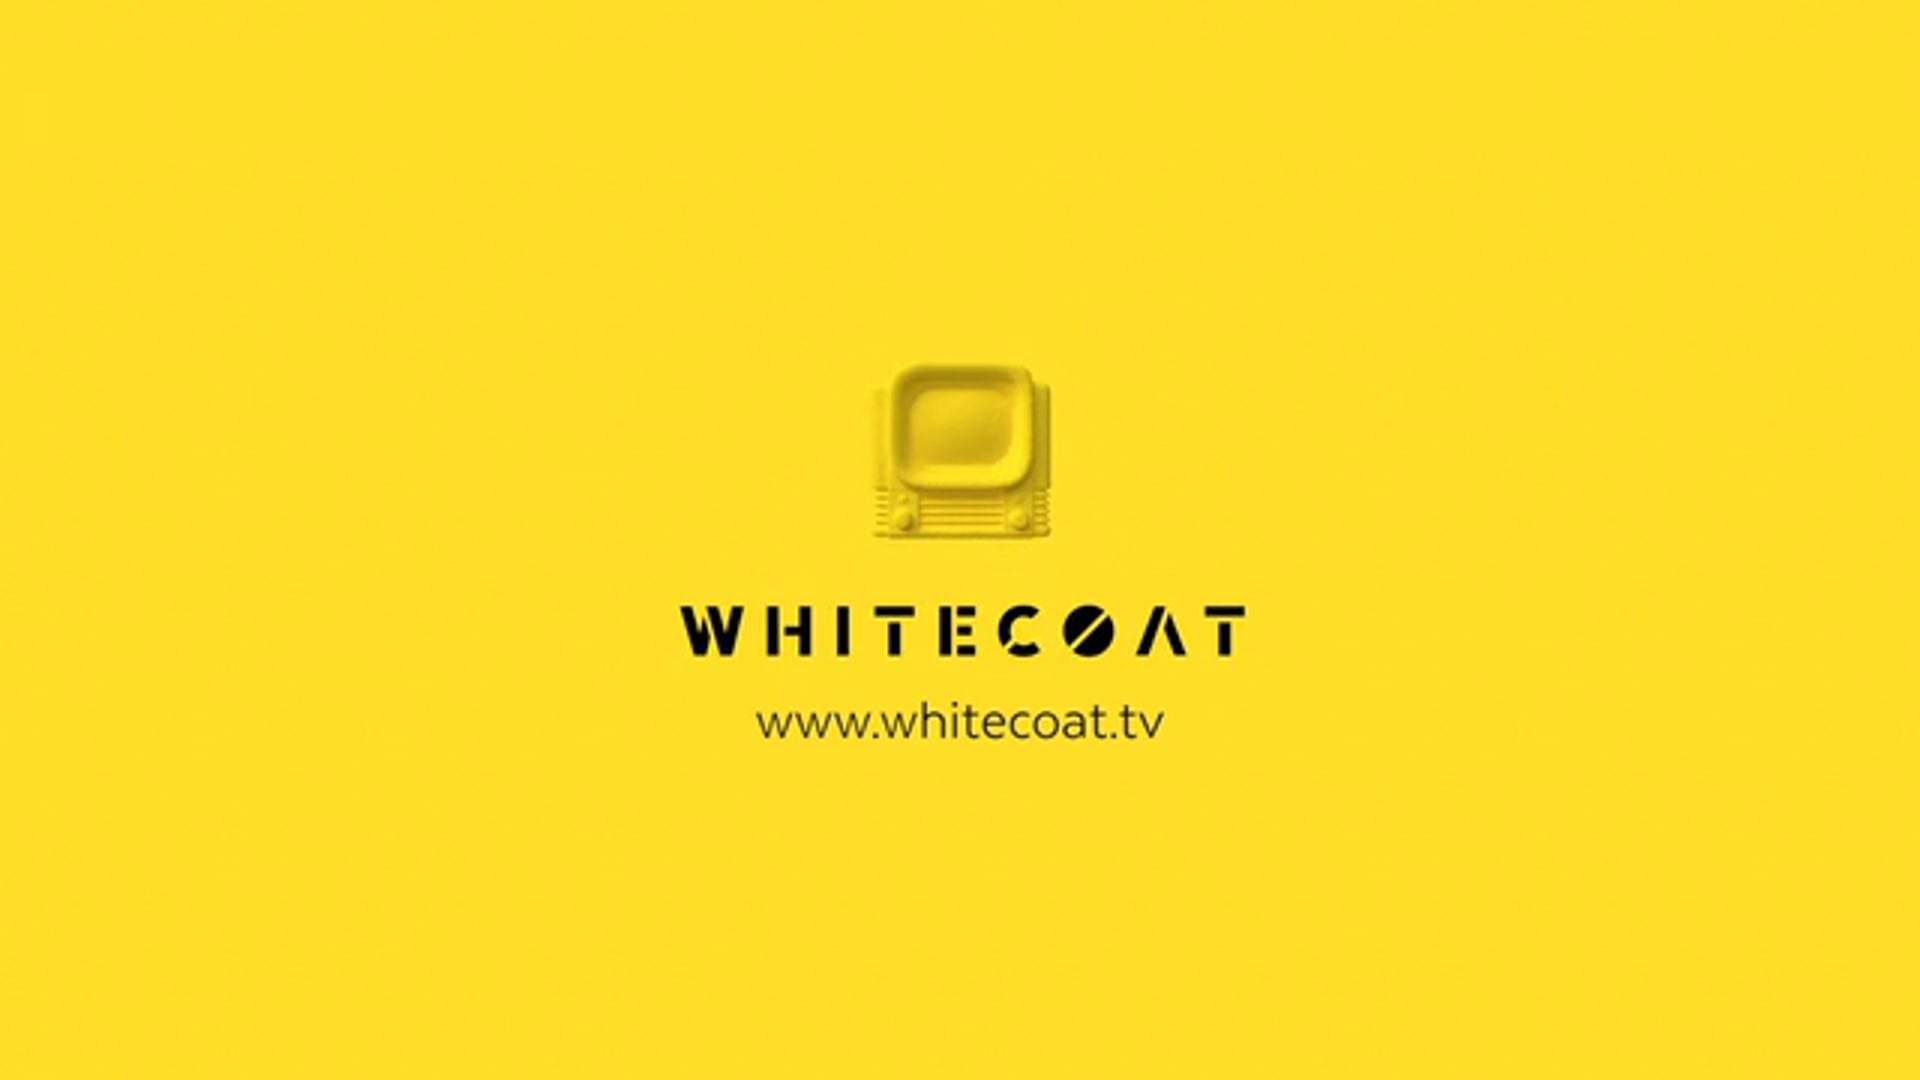 Whitecoat | Animation/Motion Design Reel 2020